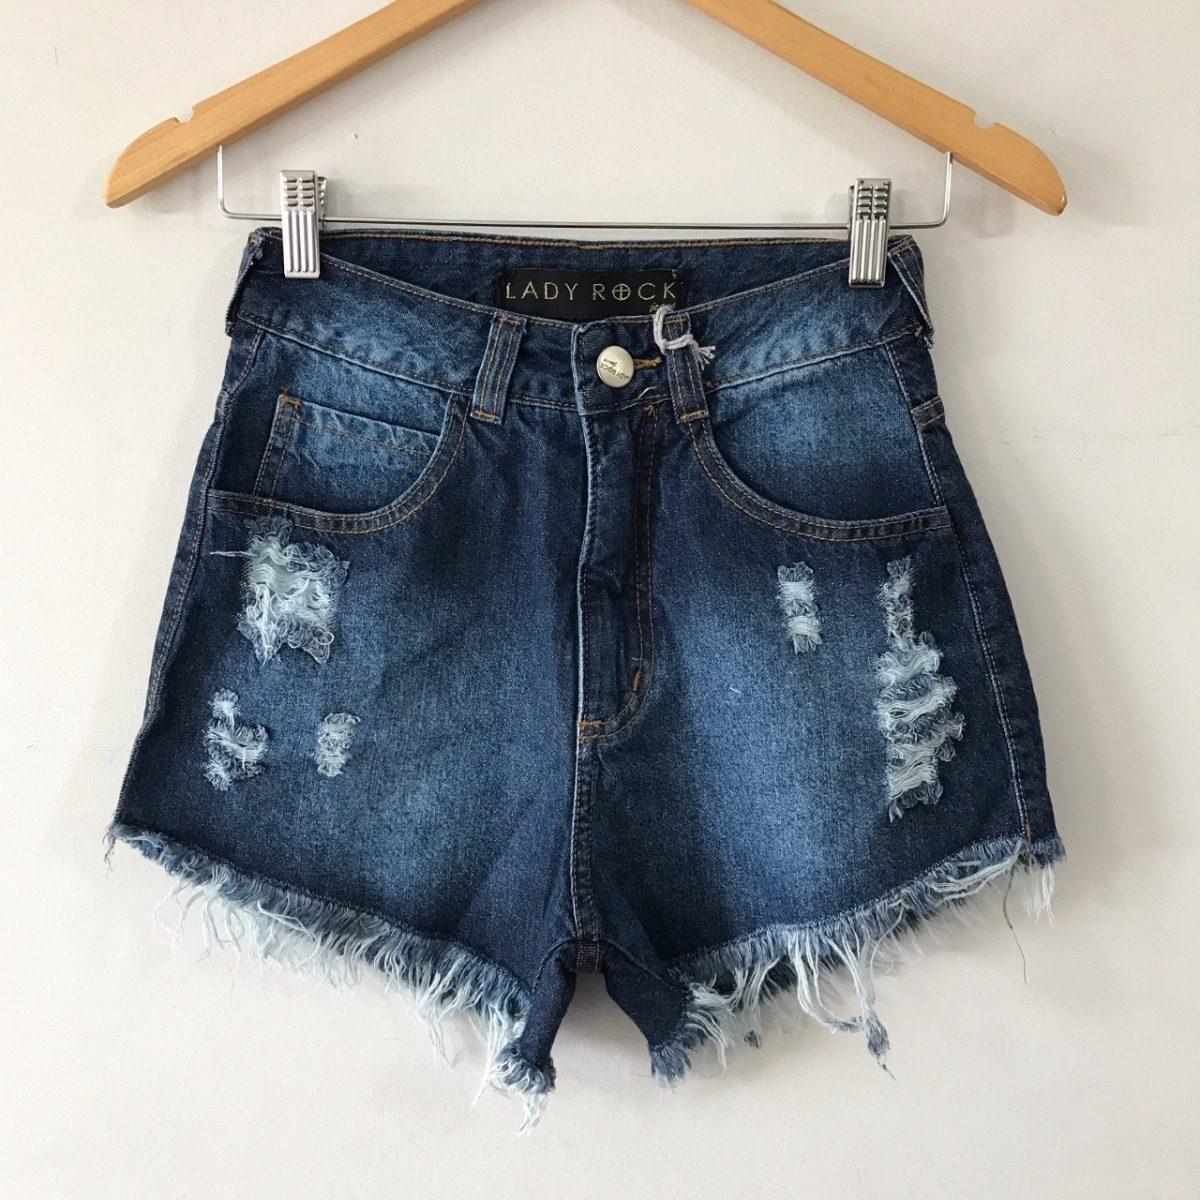 d1bd2bd03 shorts cintura alta hot pants jeans desfiado lady rock. Carregando zoom.